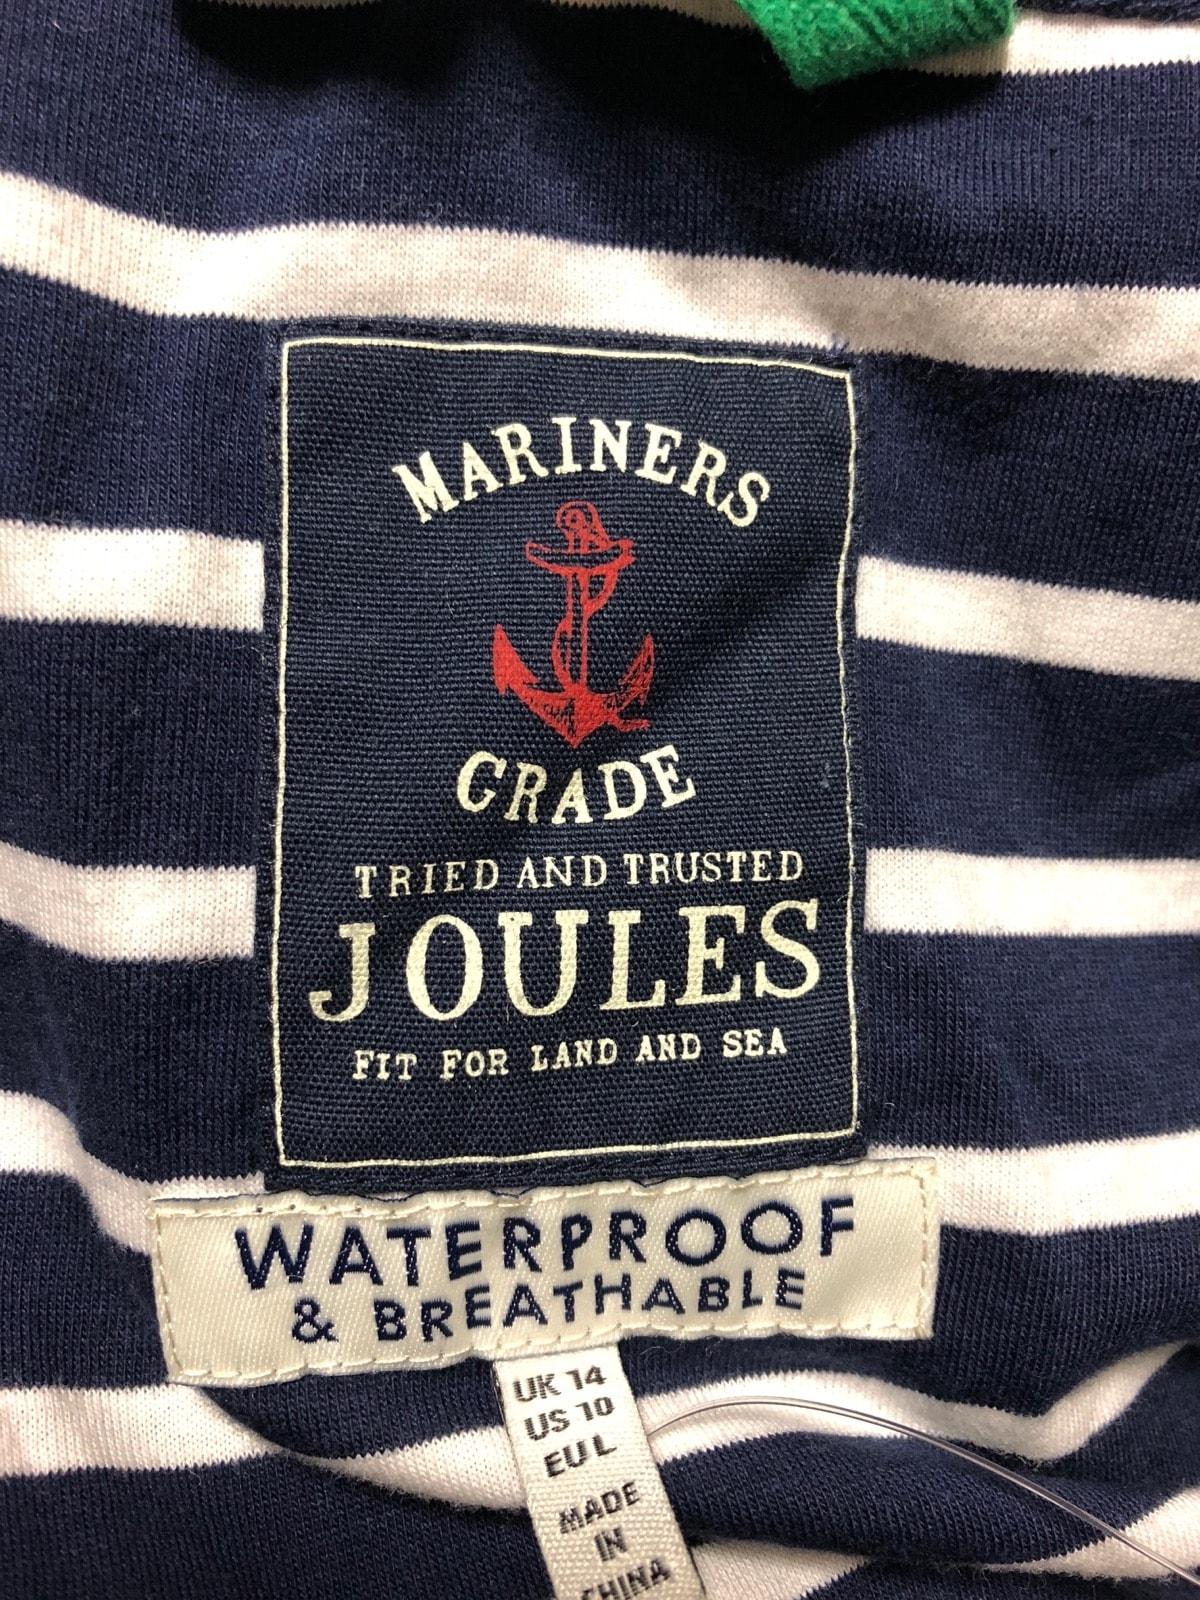 joules(ジュールズ)のコート